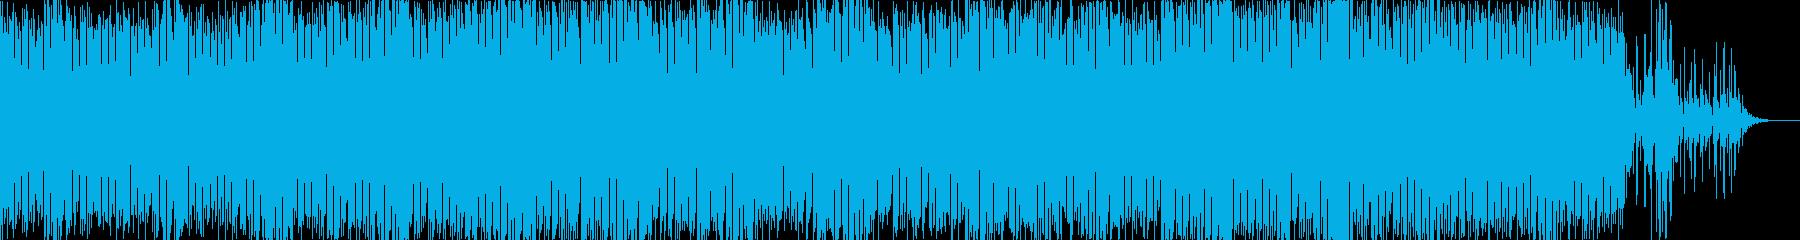 アンビエントダンス風な楽曲の再生済みの波形